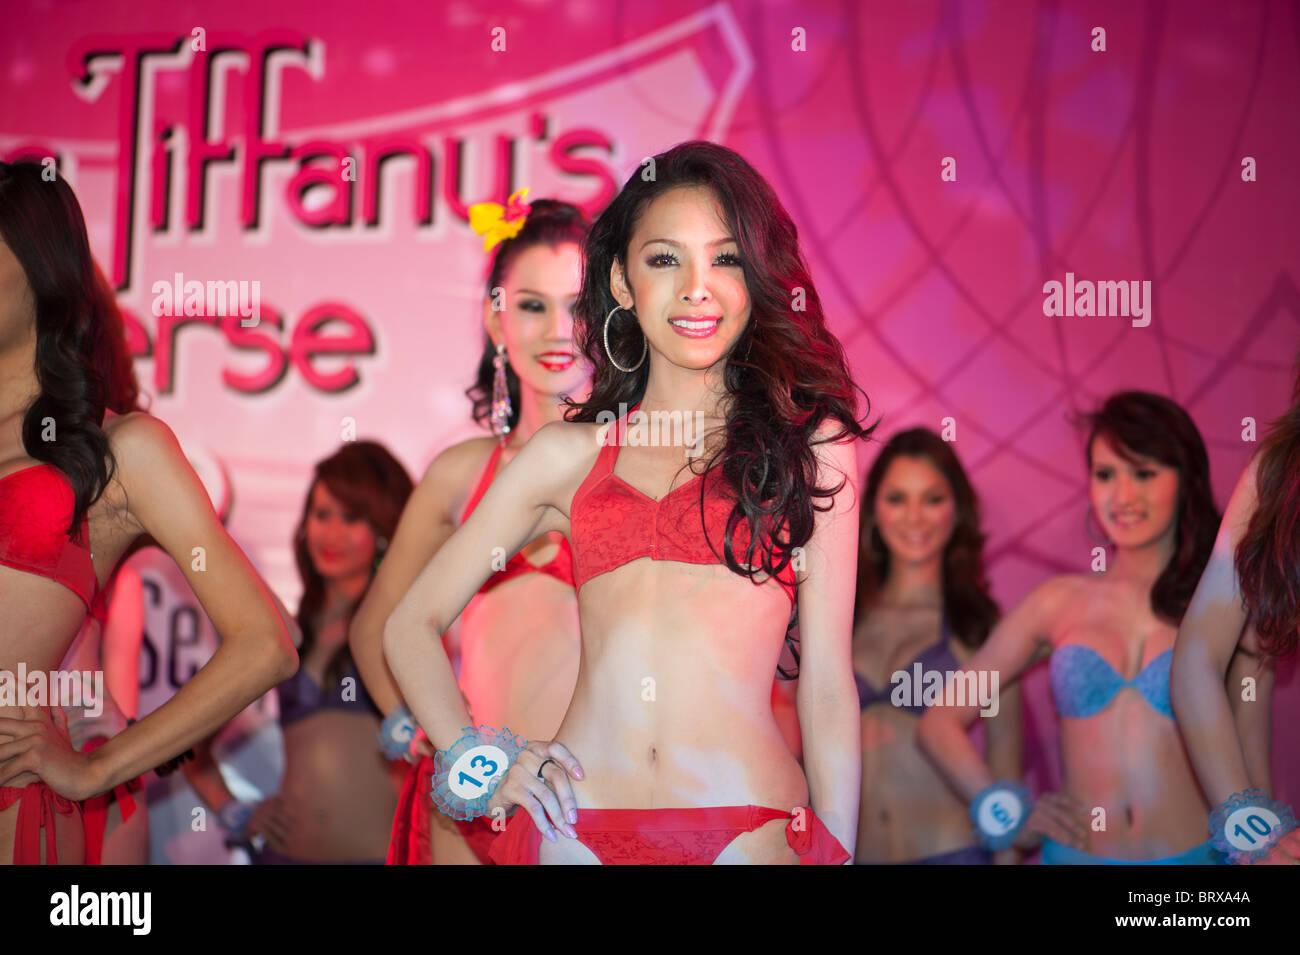 Transvestites in thailand